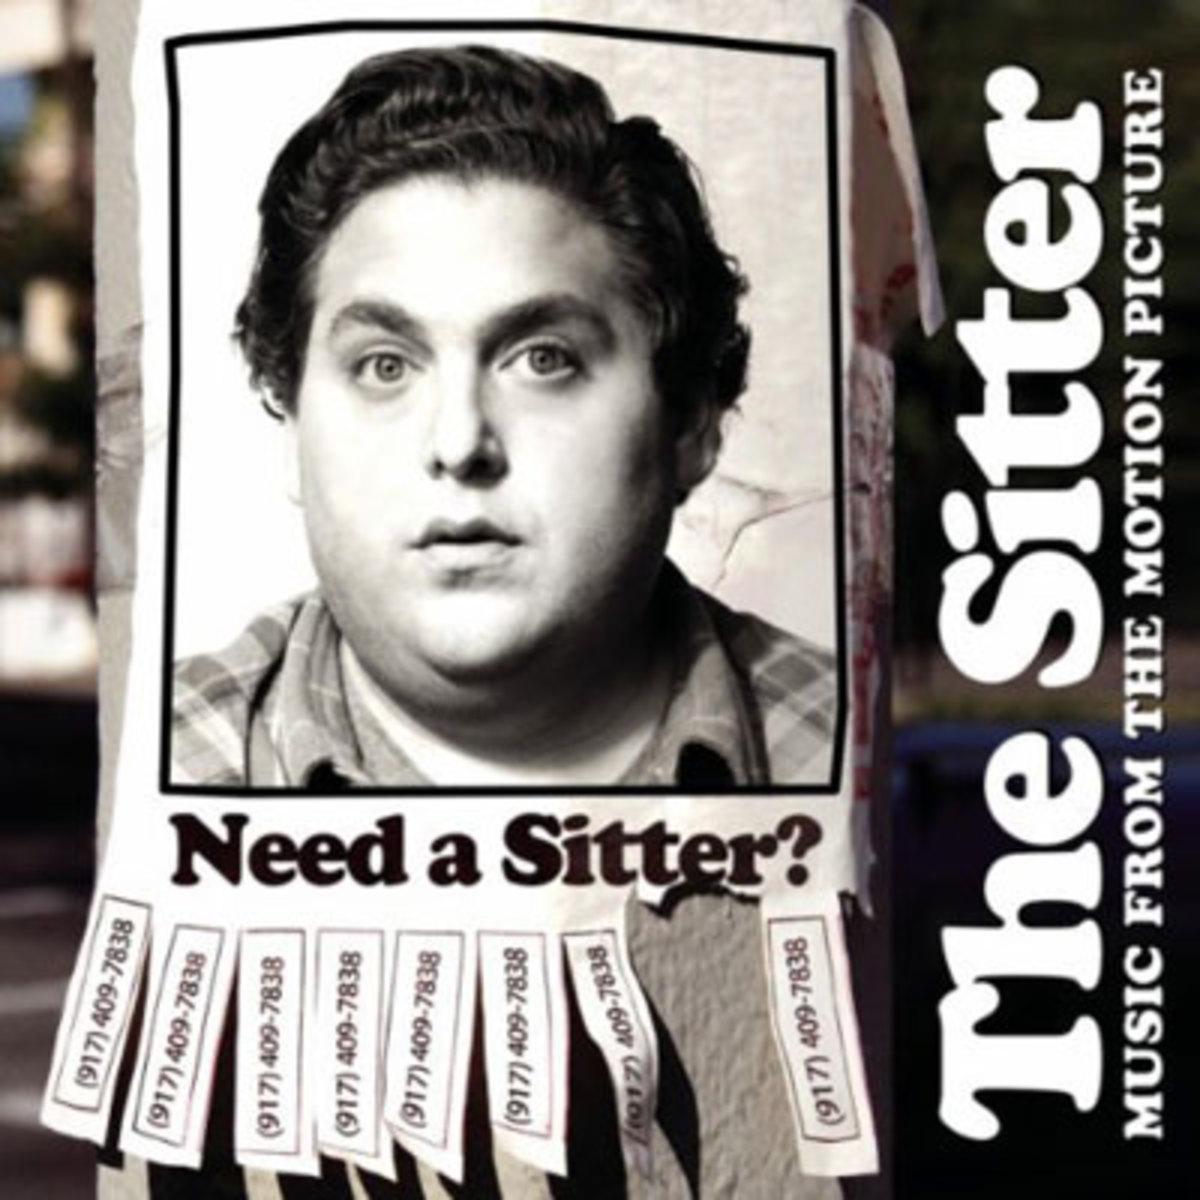 thesitter-soundtrack.jpg